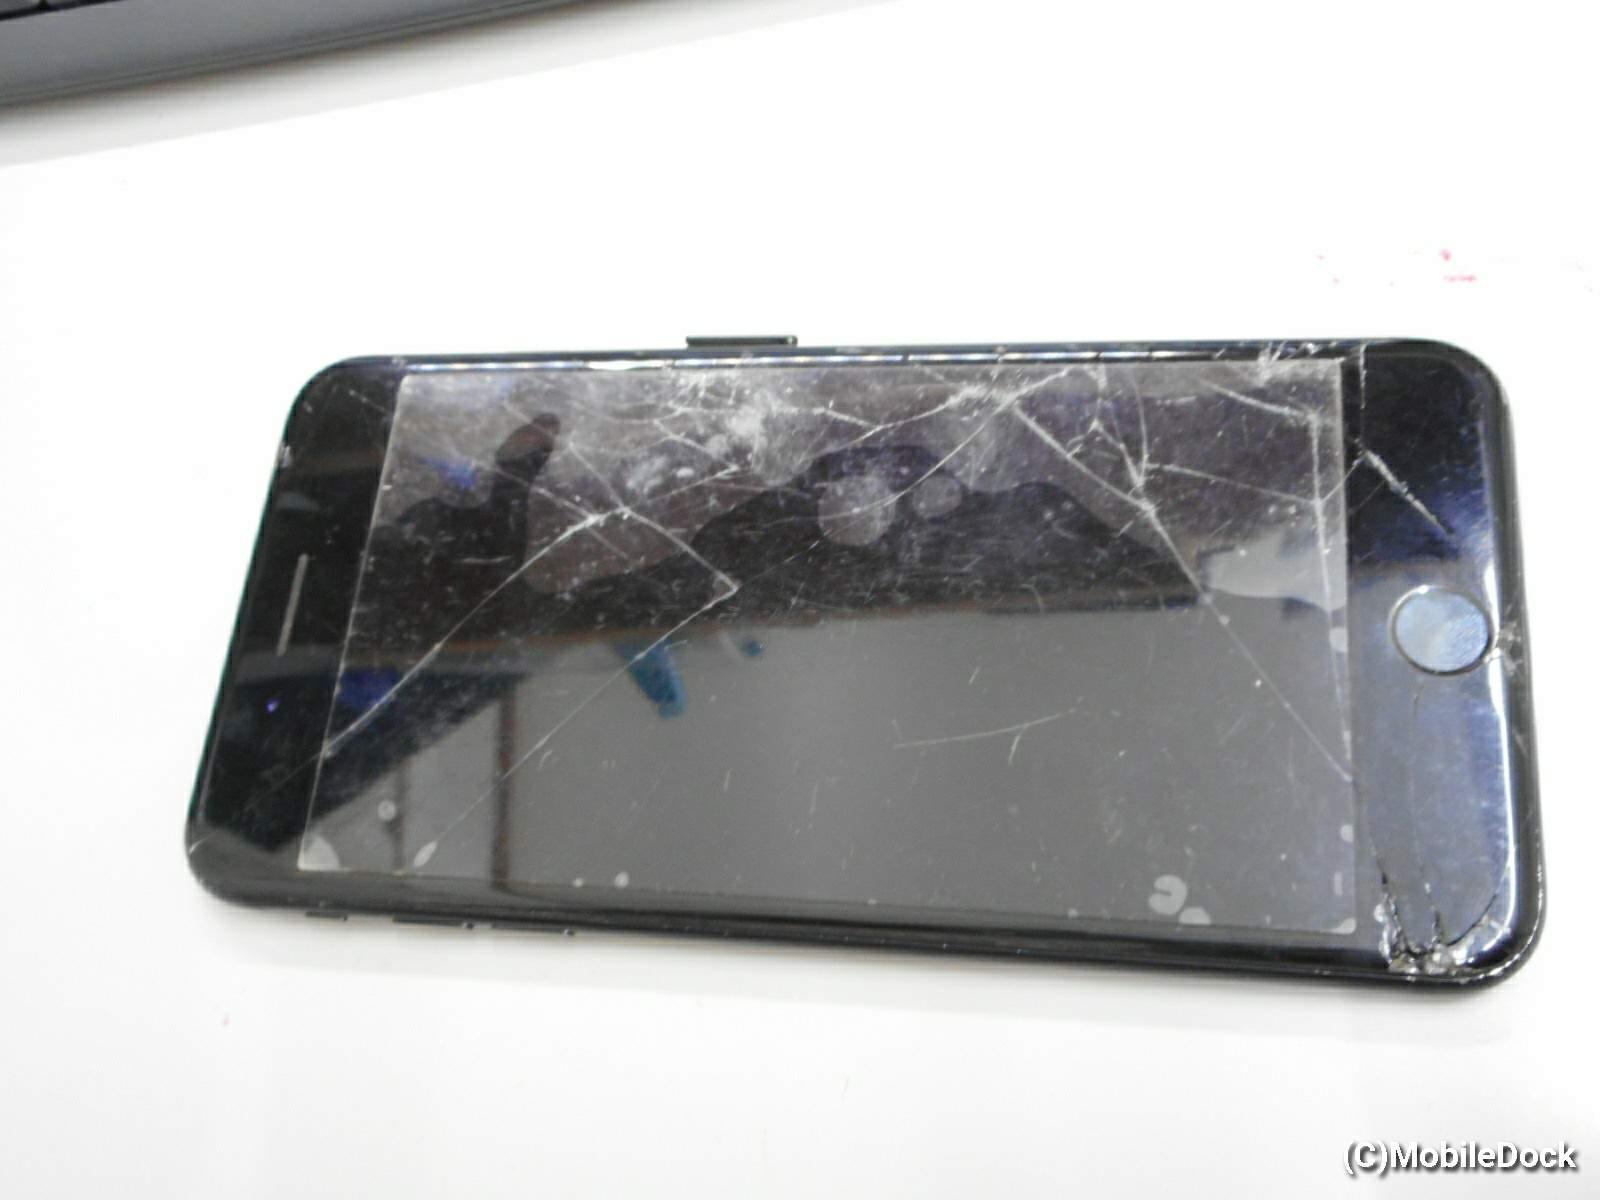 水没したiPhone7plus